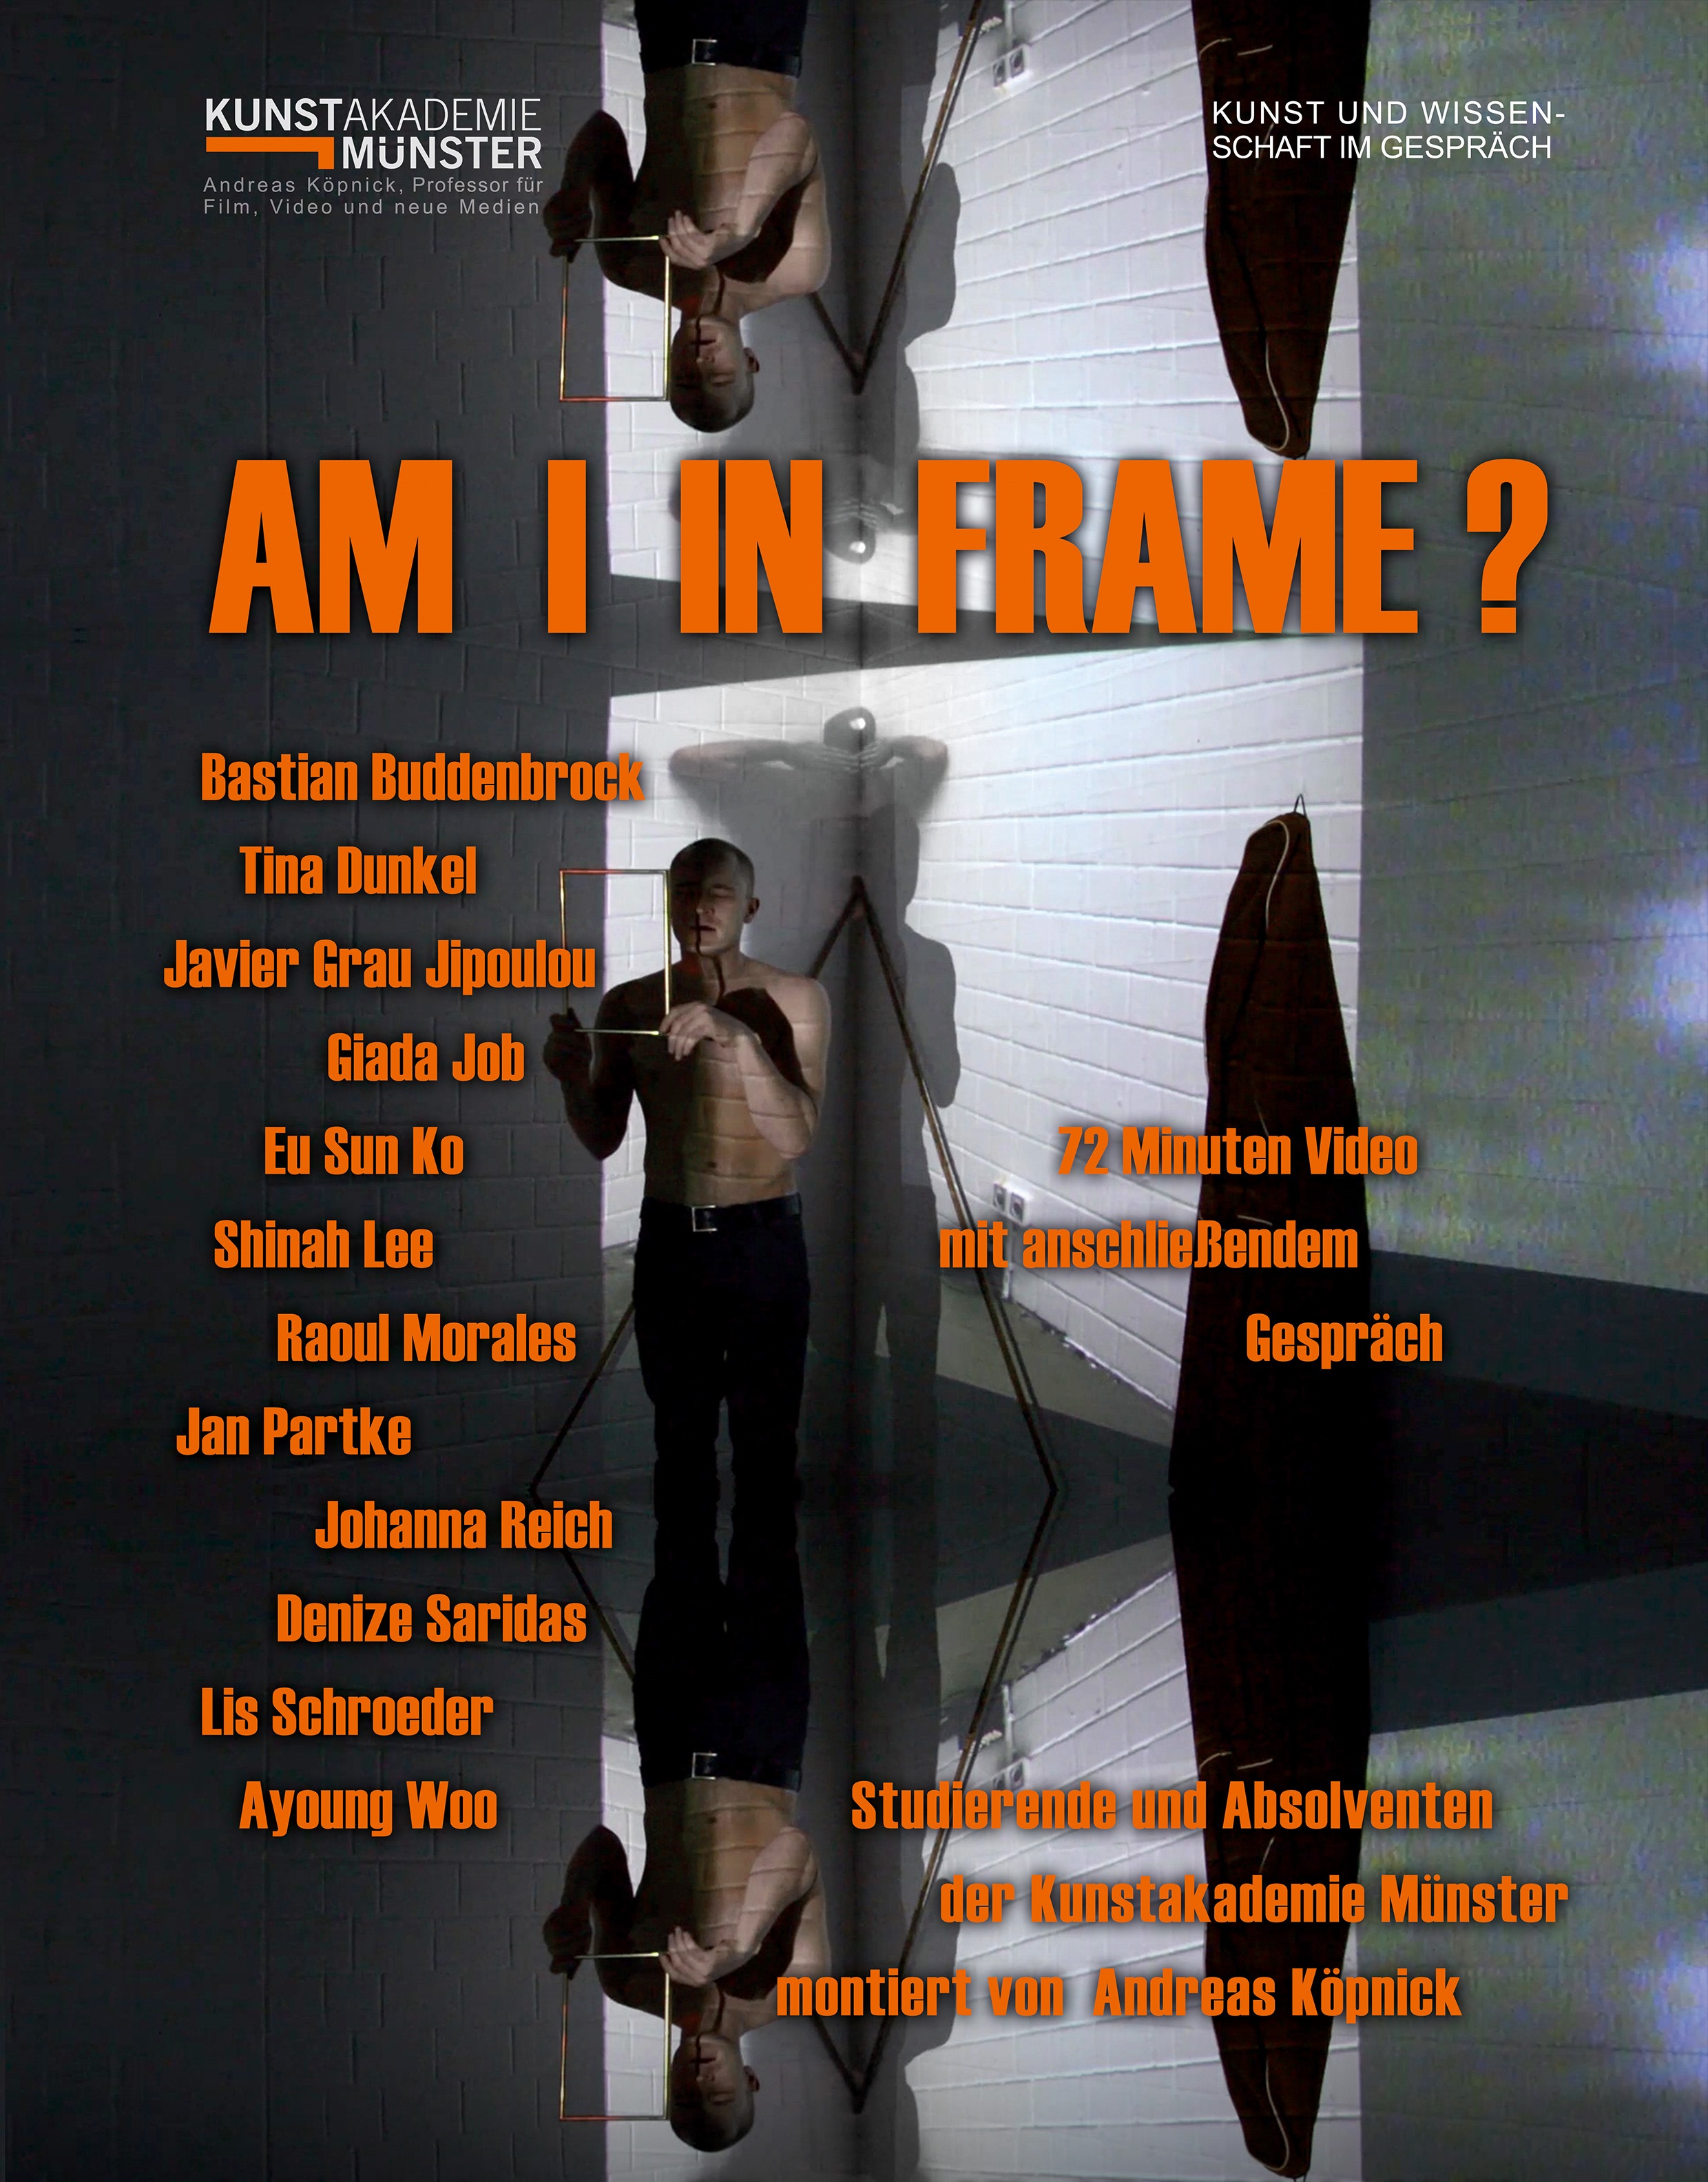 am_i_in_frame